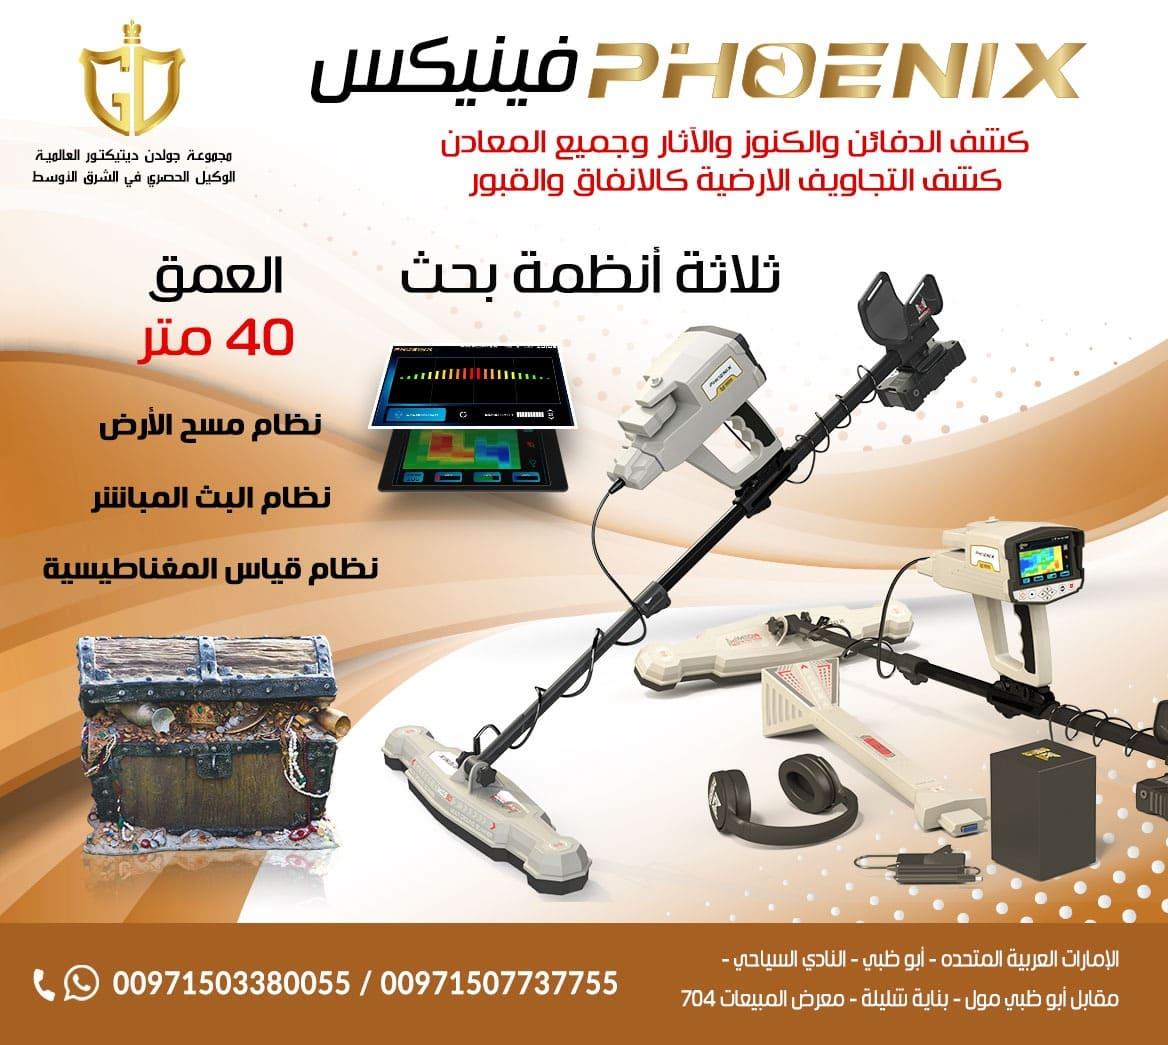 فينيكس Phoenix احدث اجهزة كشف الذهب التصويرية  P_1893c93oe1